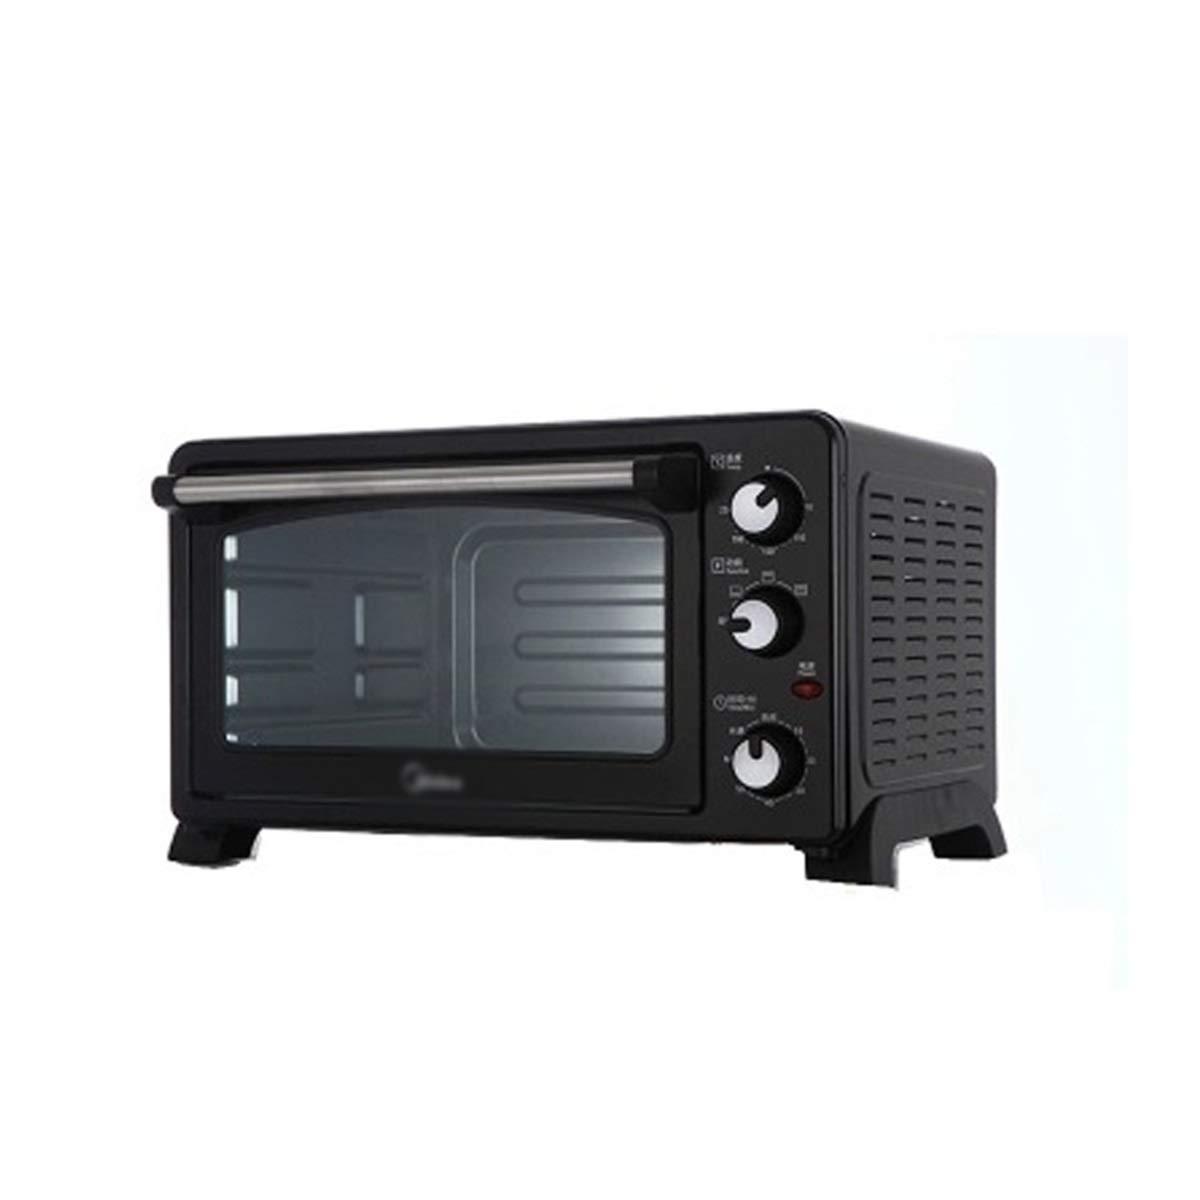 ZCYX ミニオーブン - 家庭用オーブン多機能家庭用25 L電気オーブン独立暖房オーブン -7487 オーブン B07RR152G2